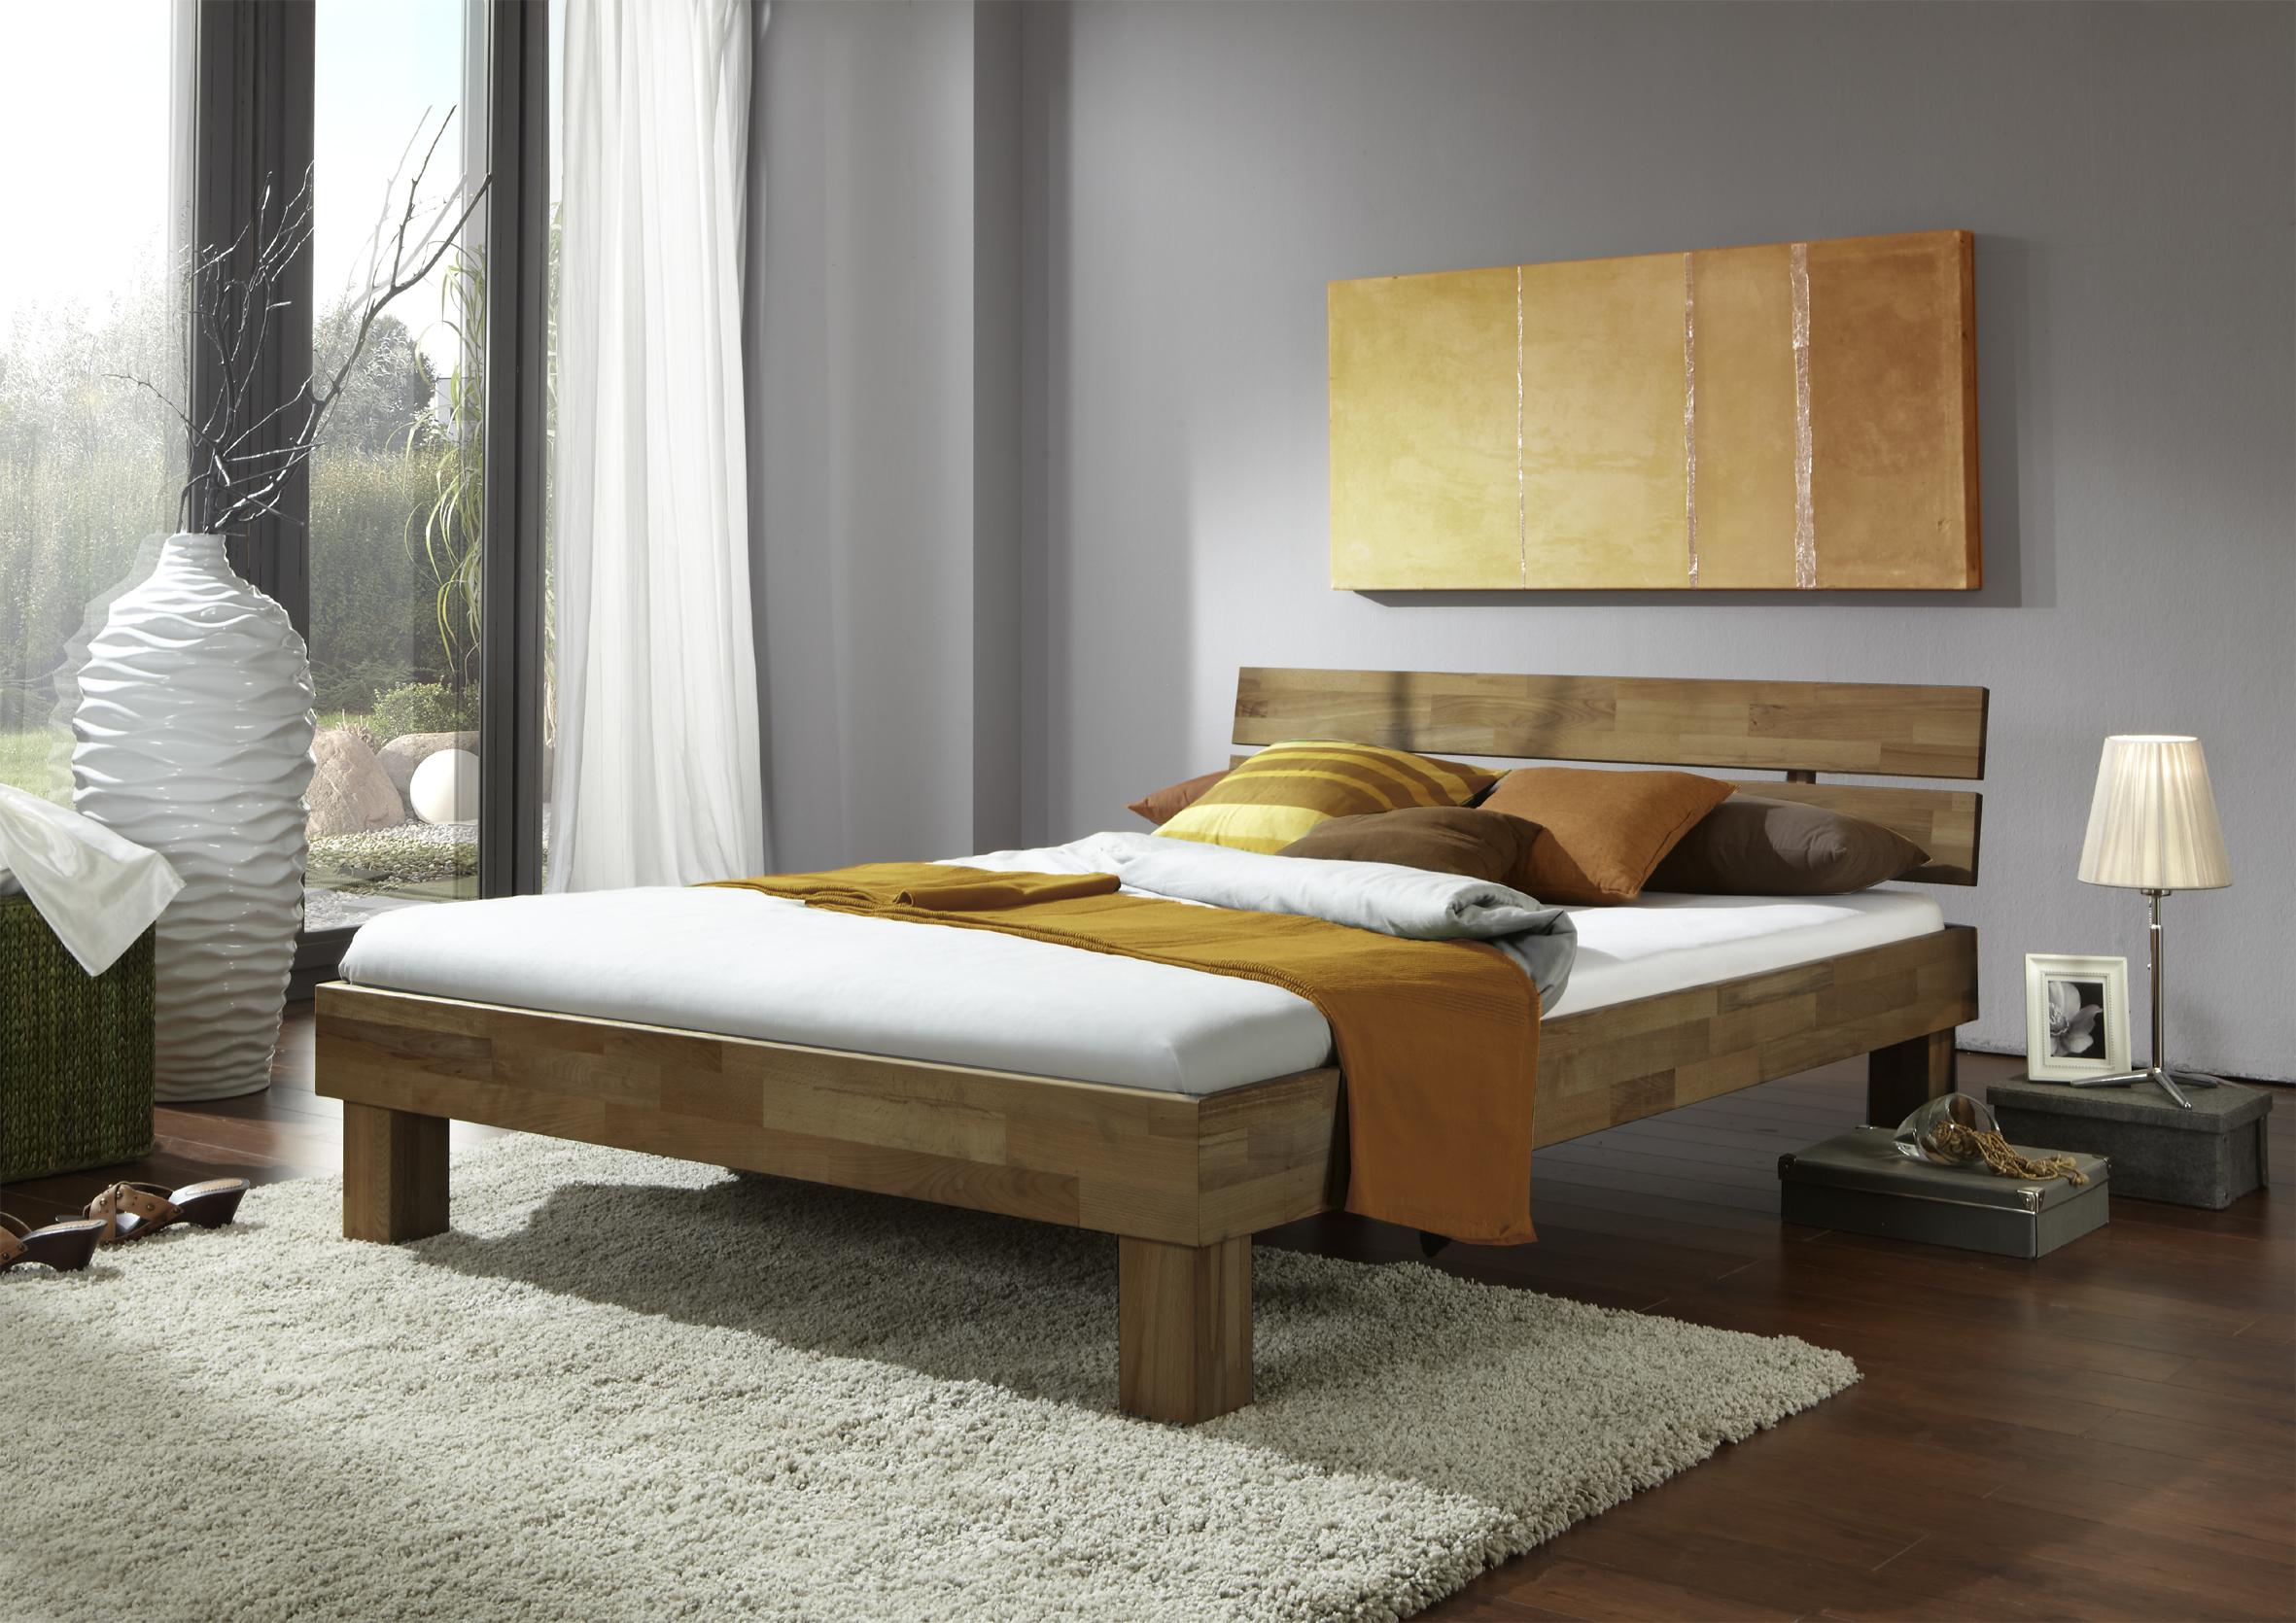 Full Size of Bett 140x200 Günstig Betten Shop Mbel Bitter Gnstige Konfigurieren Gebrauchte Mit Matratze Für übergewichtige Massivholz Ausziehbares Trends 90x190 Breckle Bett Bett 140x200 Günstig